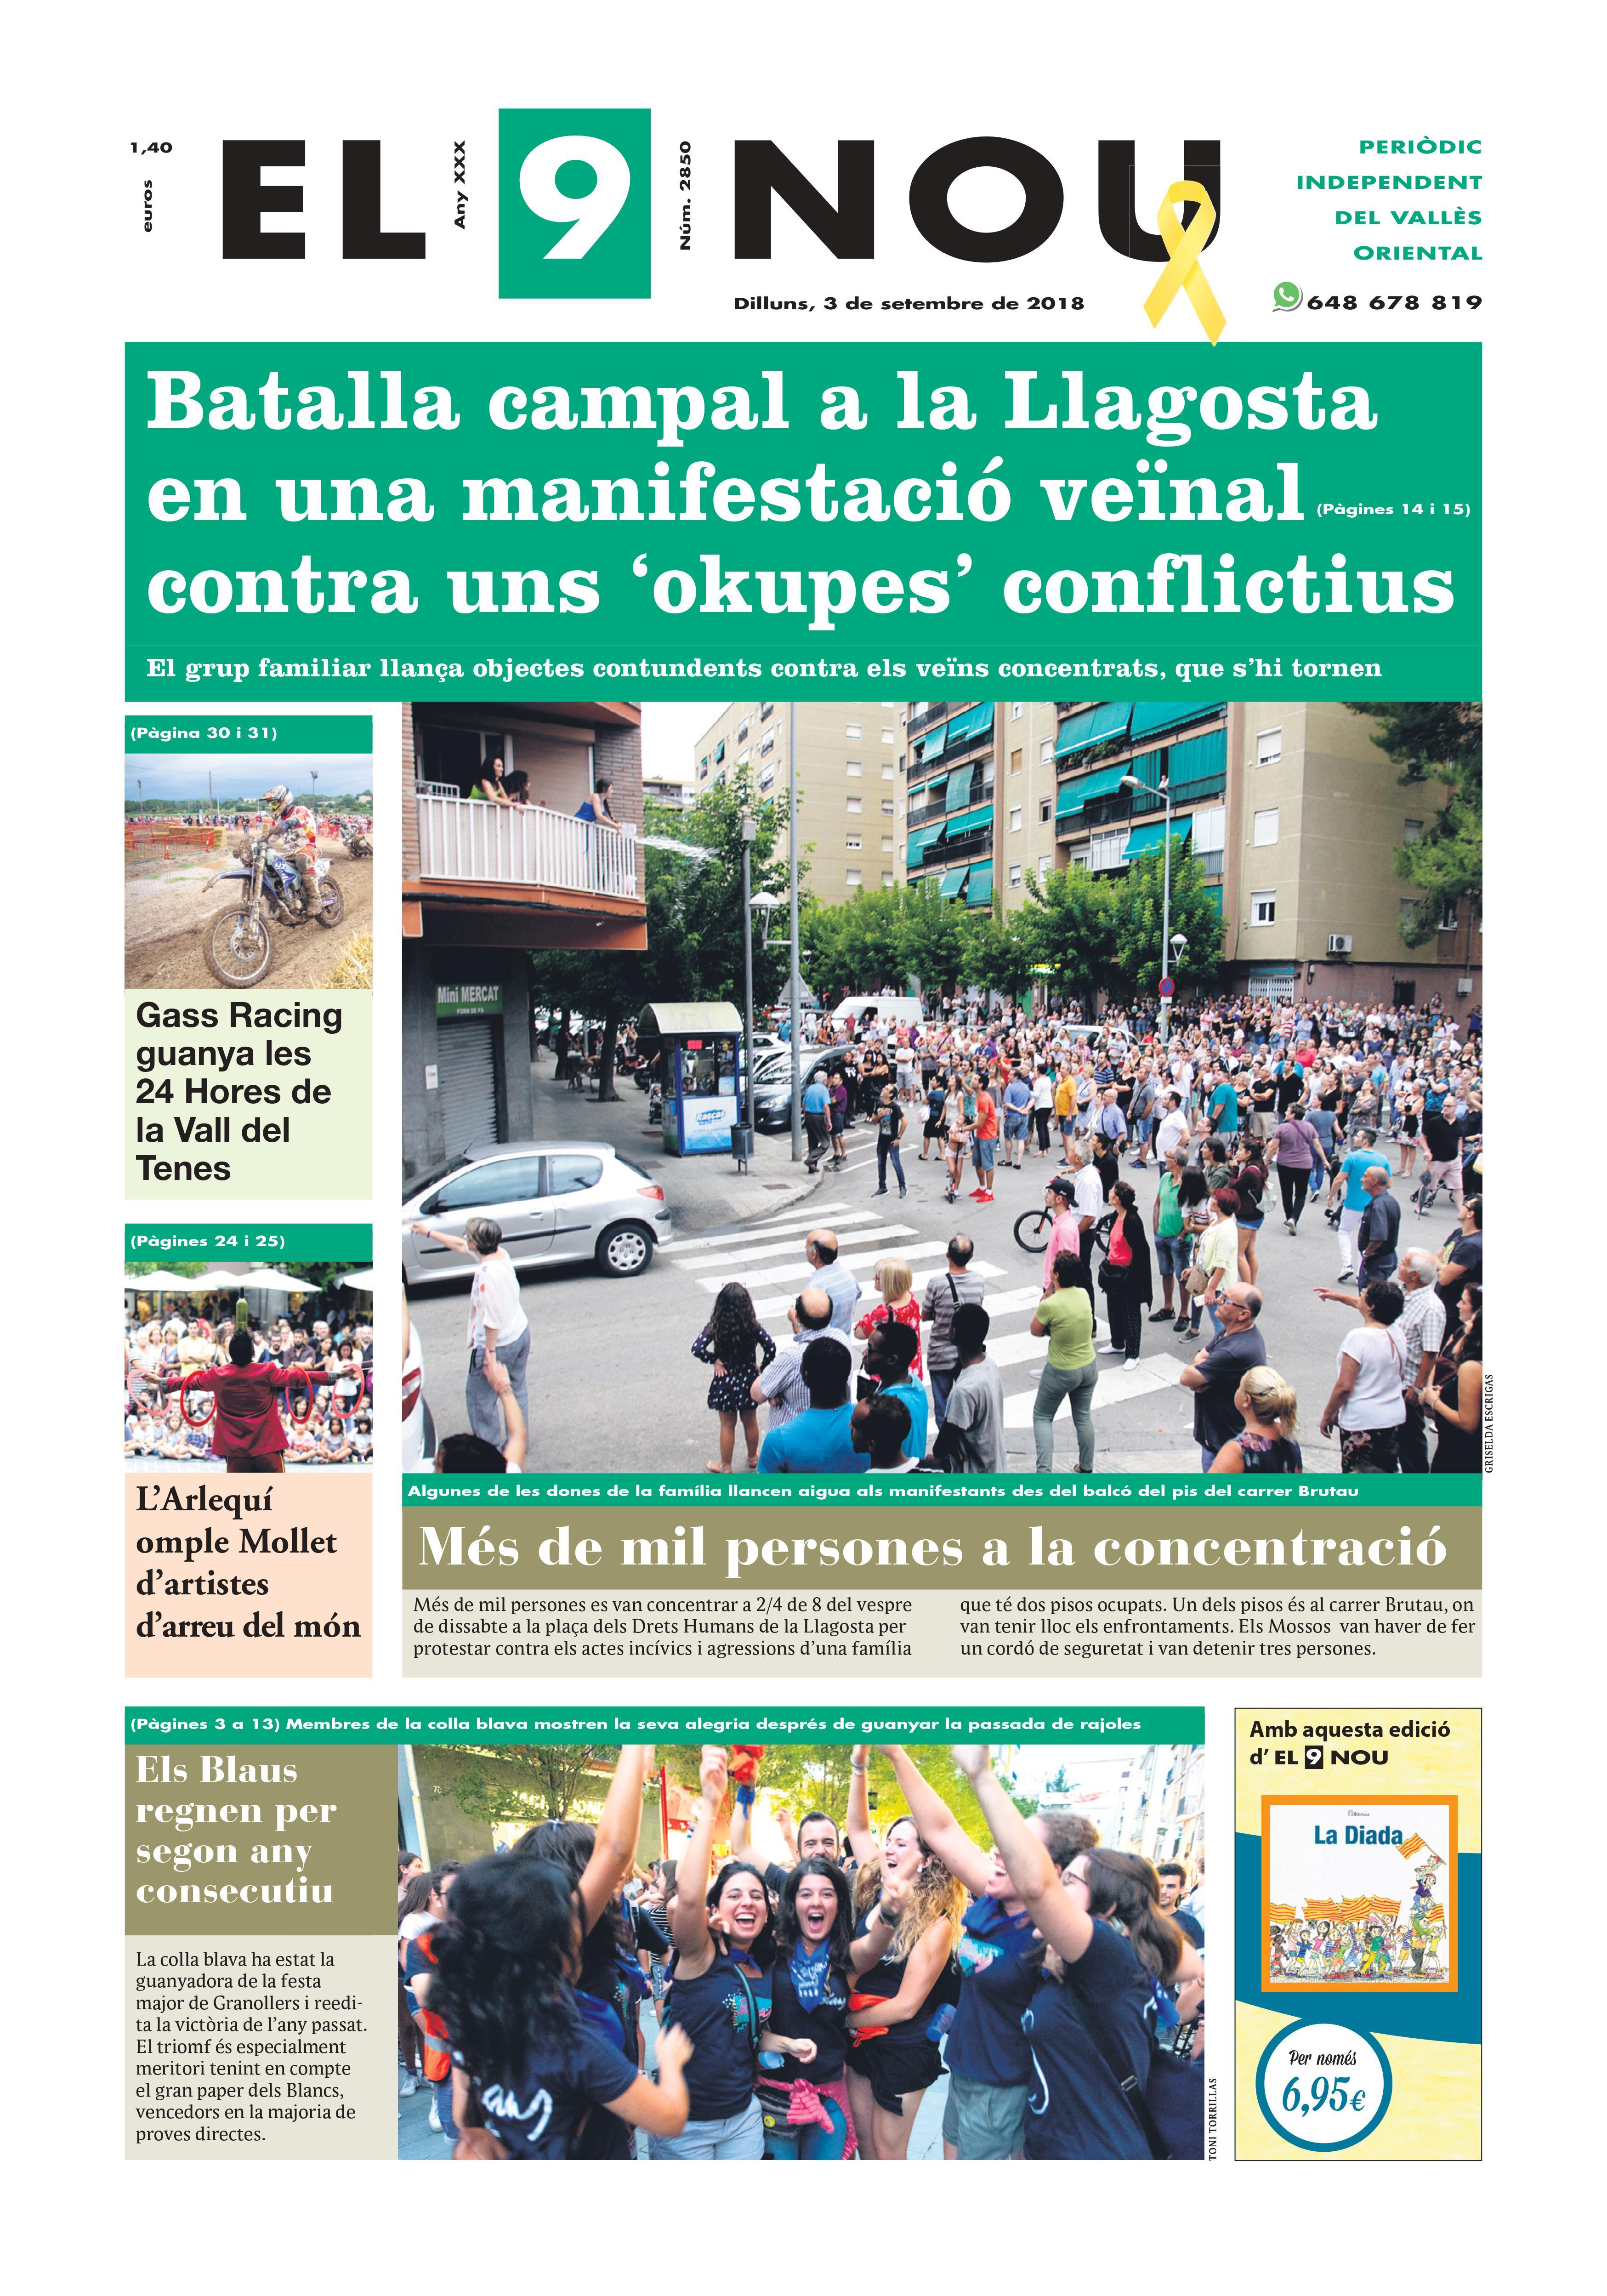 Primera Plana El 9 NOU 03_09_18 Vallès